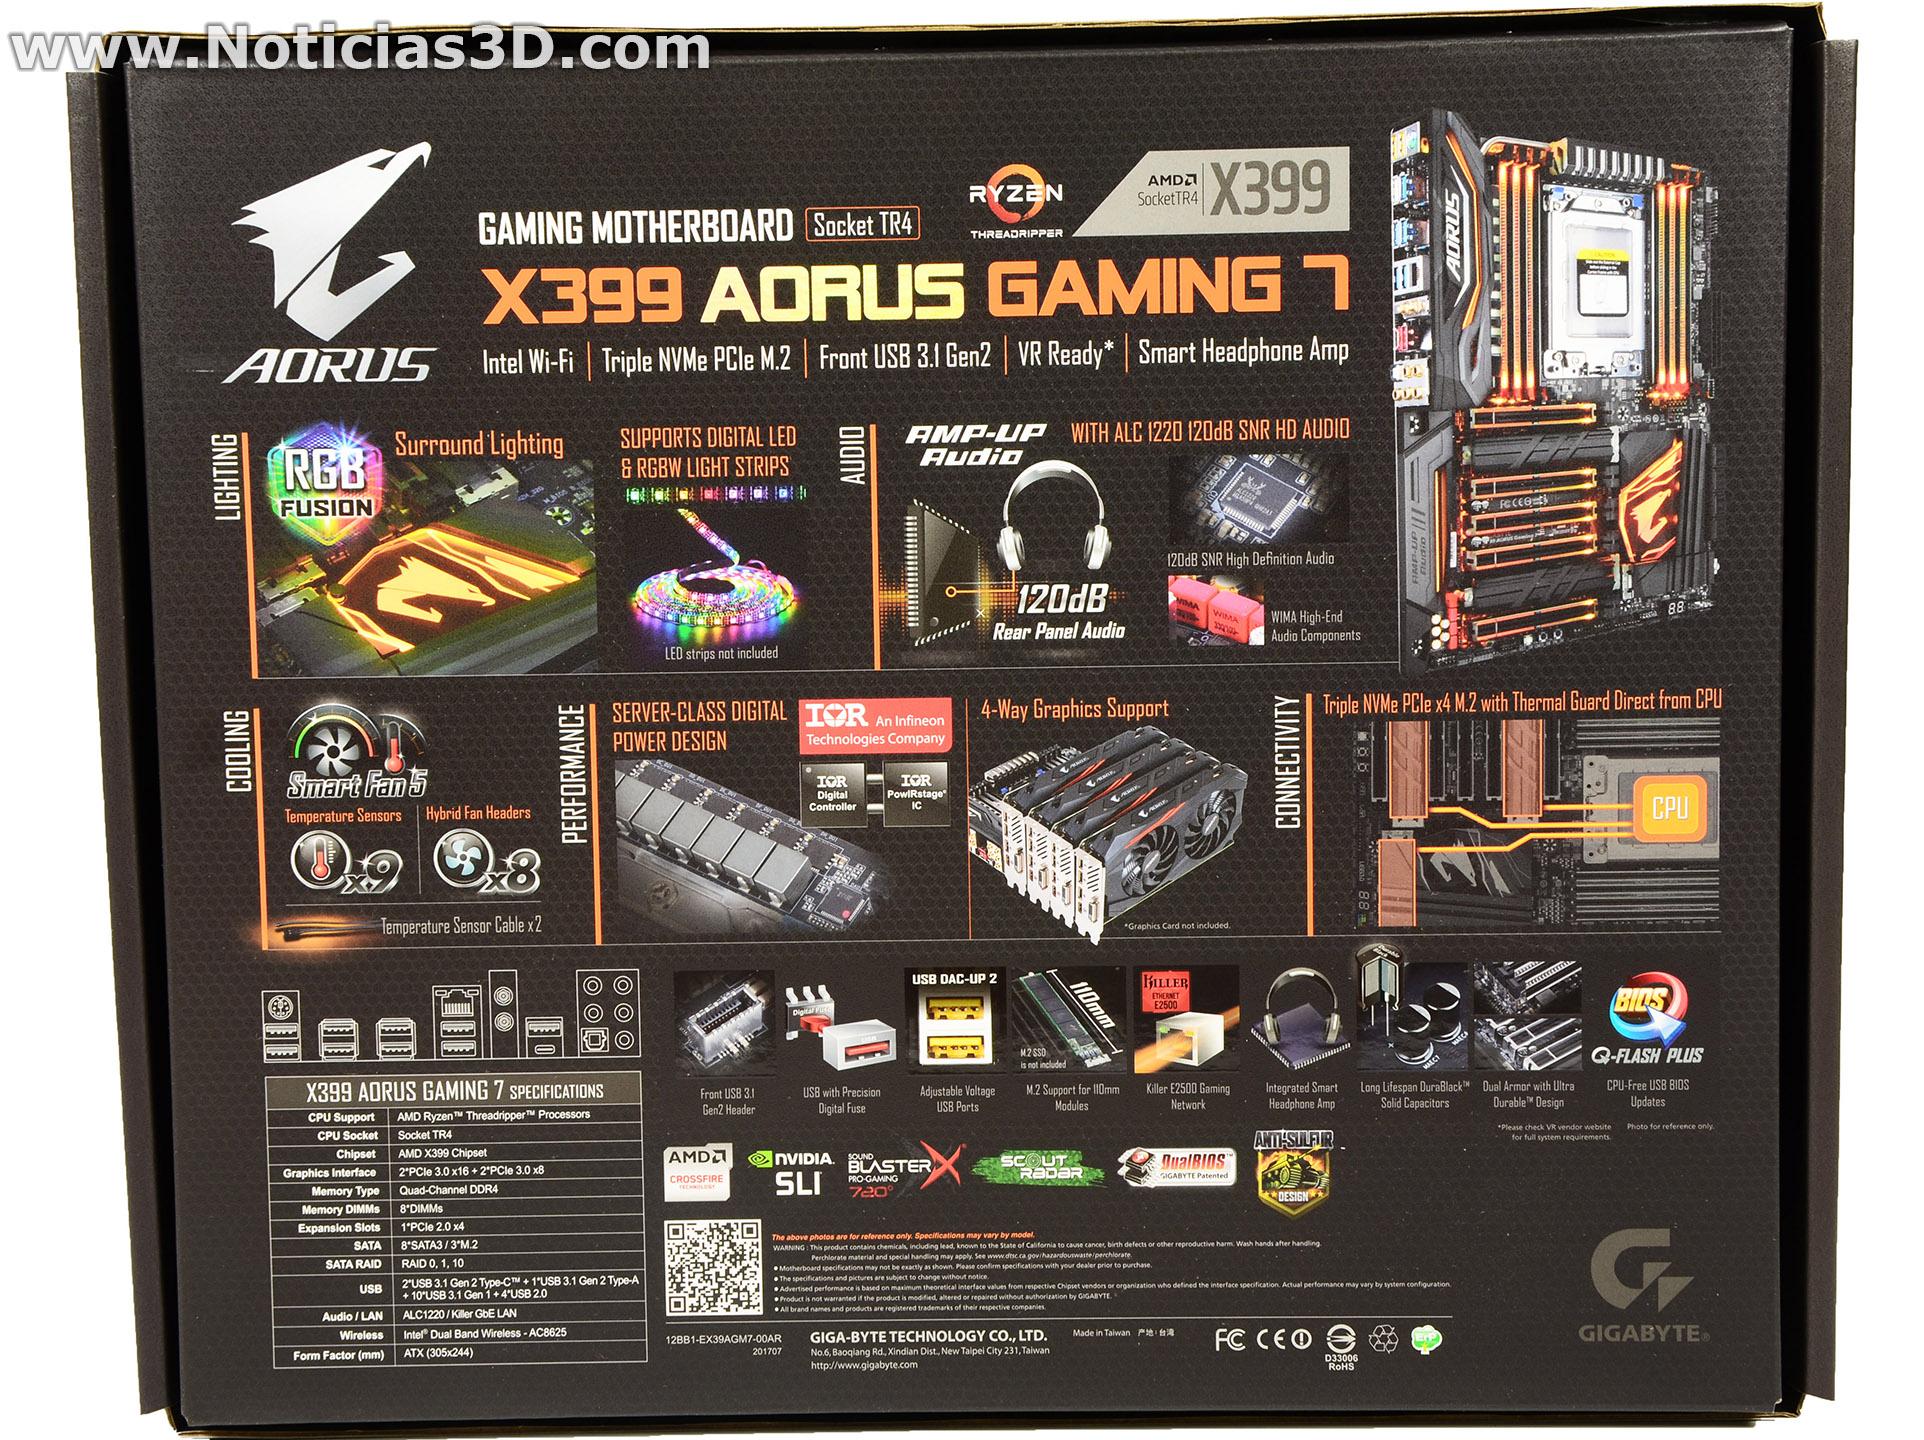 X399 Aorus Gaming 7 y Ryzen Threadripper 1950X